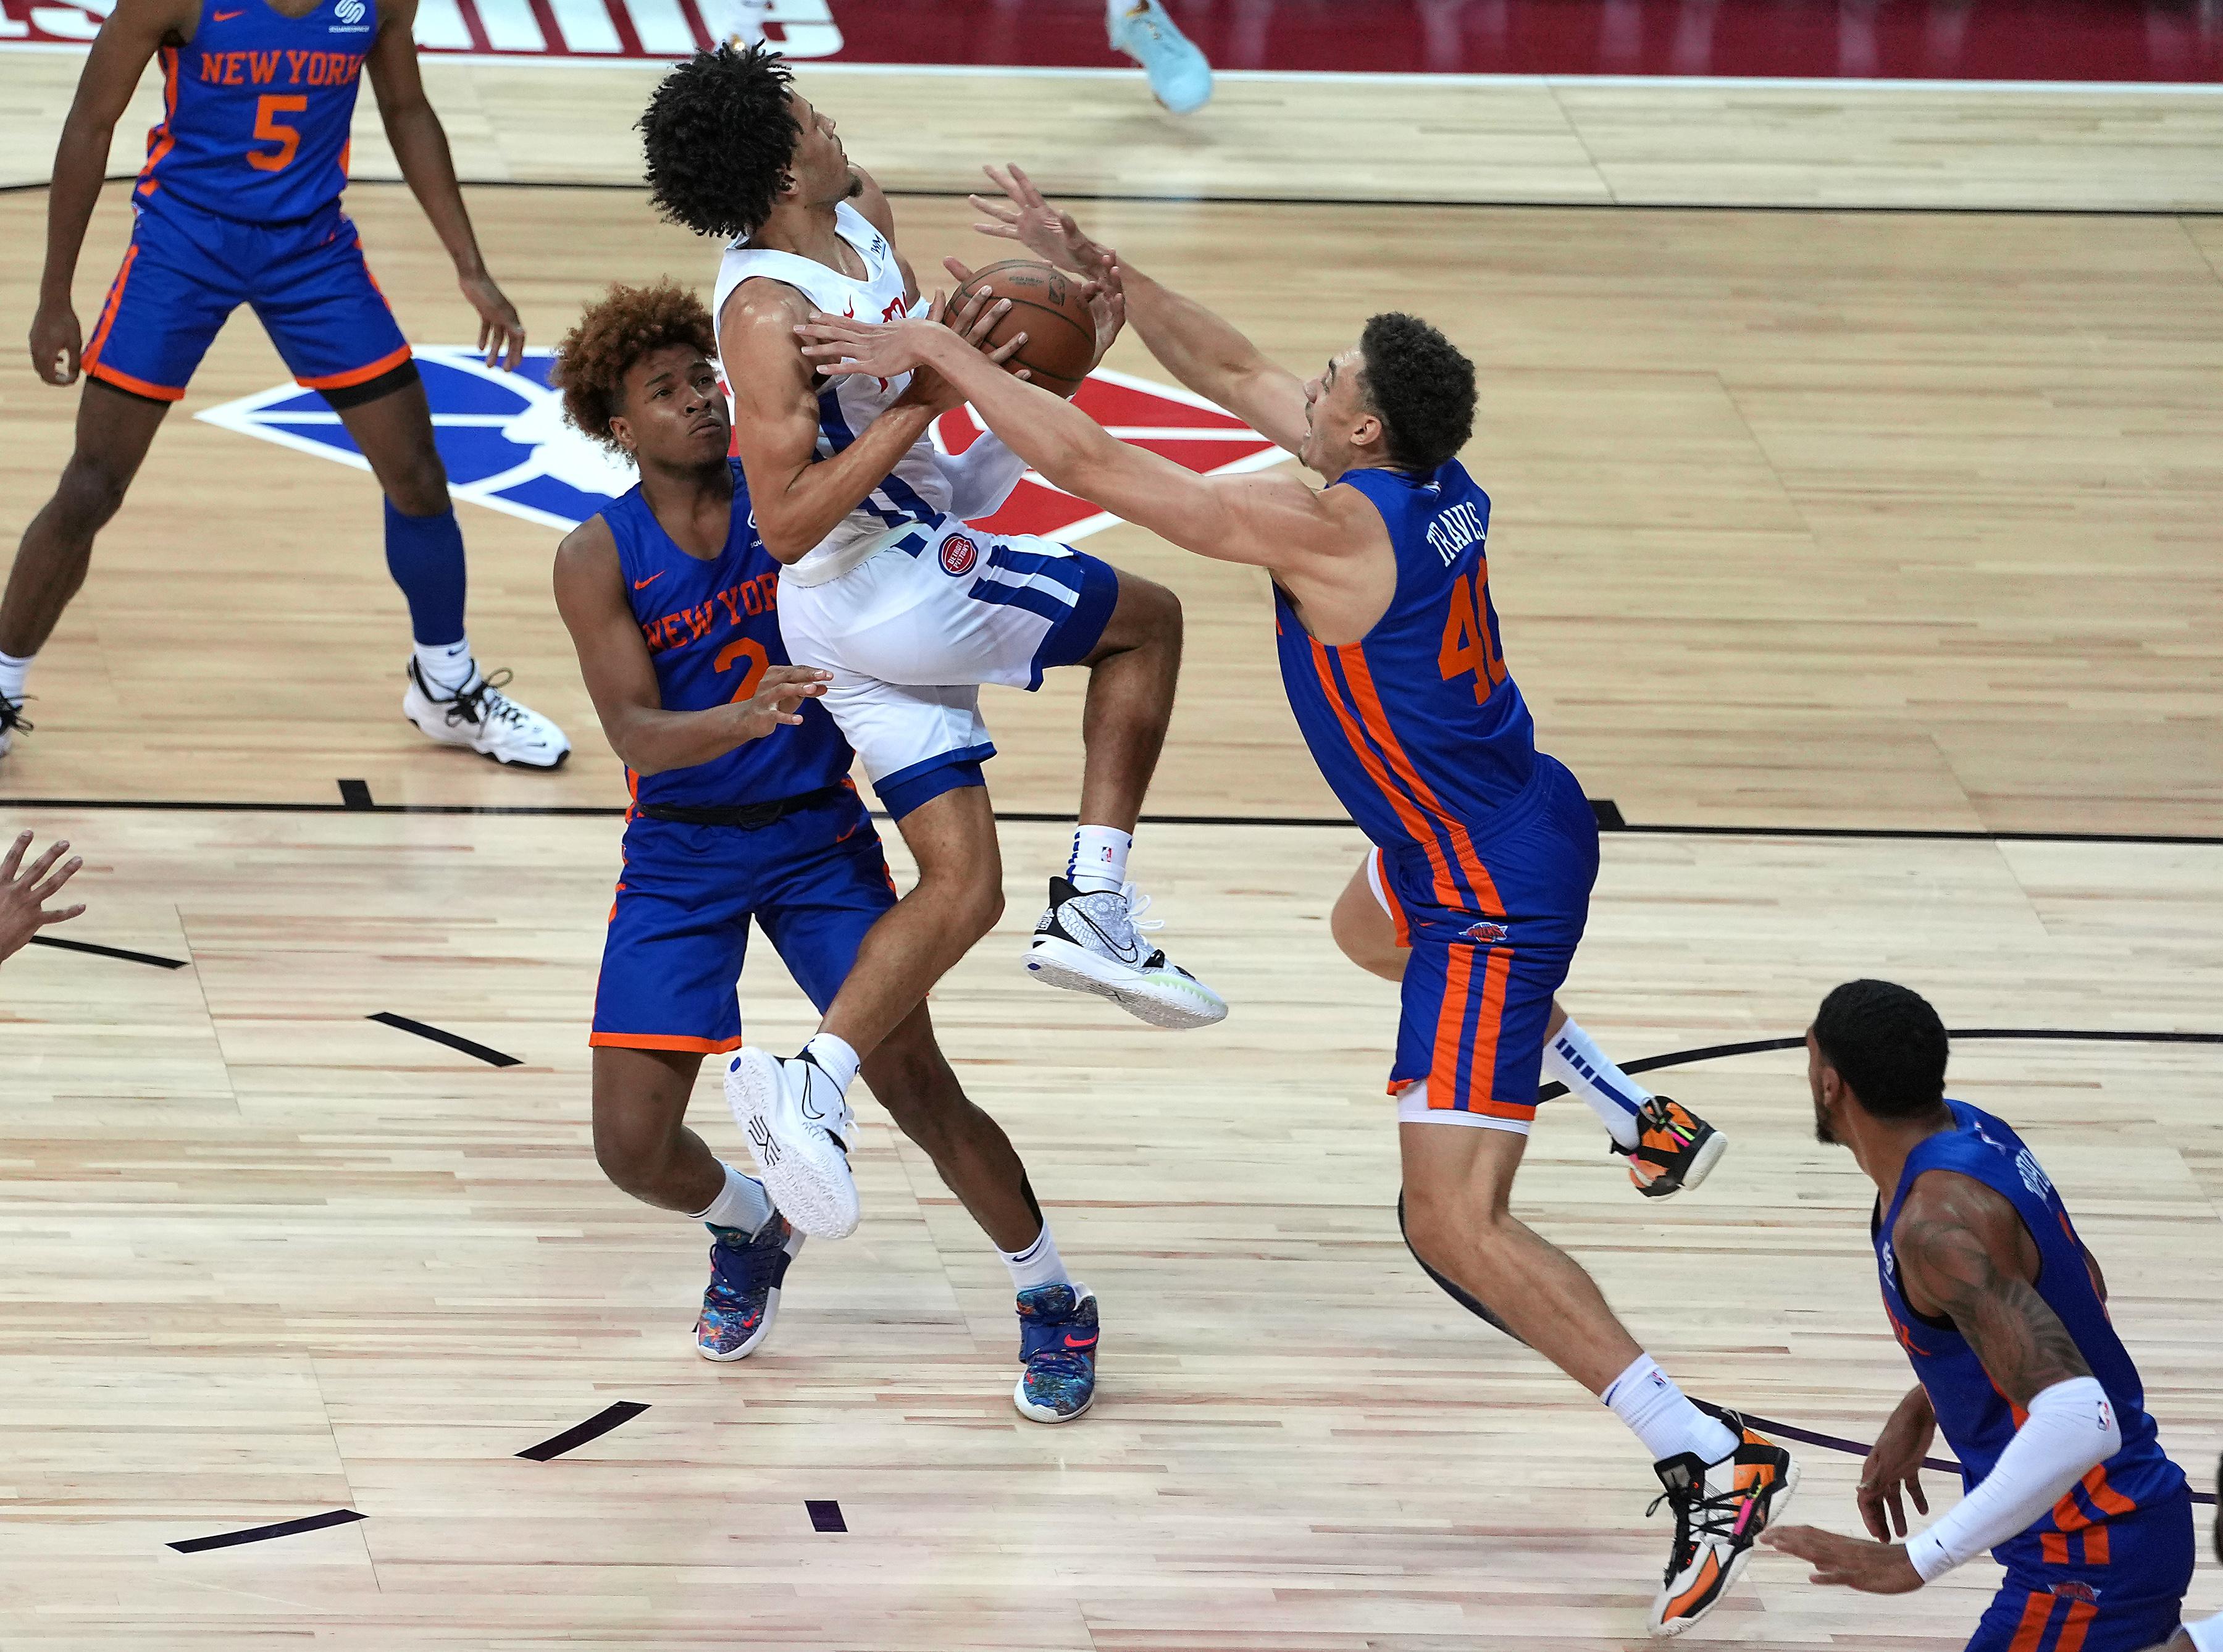 NBA: Summer League-New York Knicks at Detroit Pistons